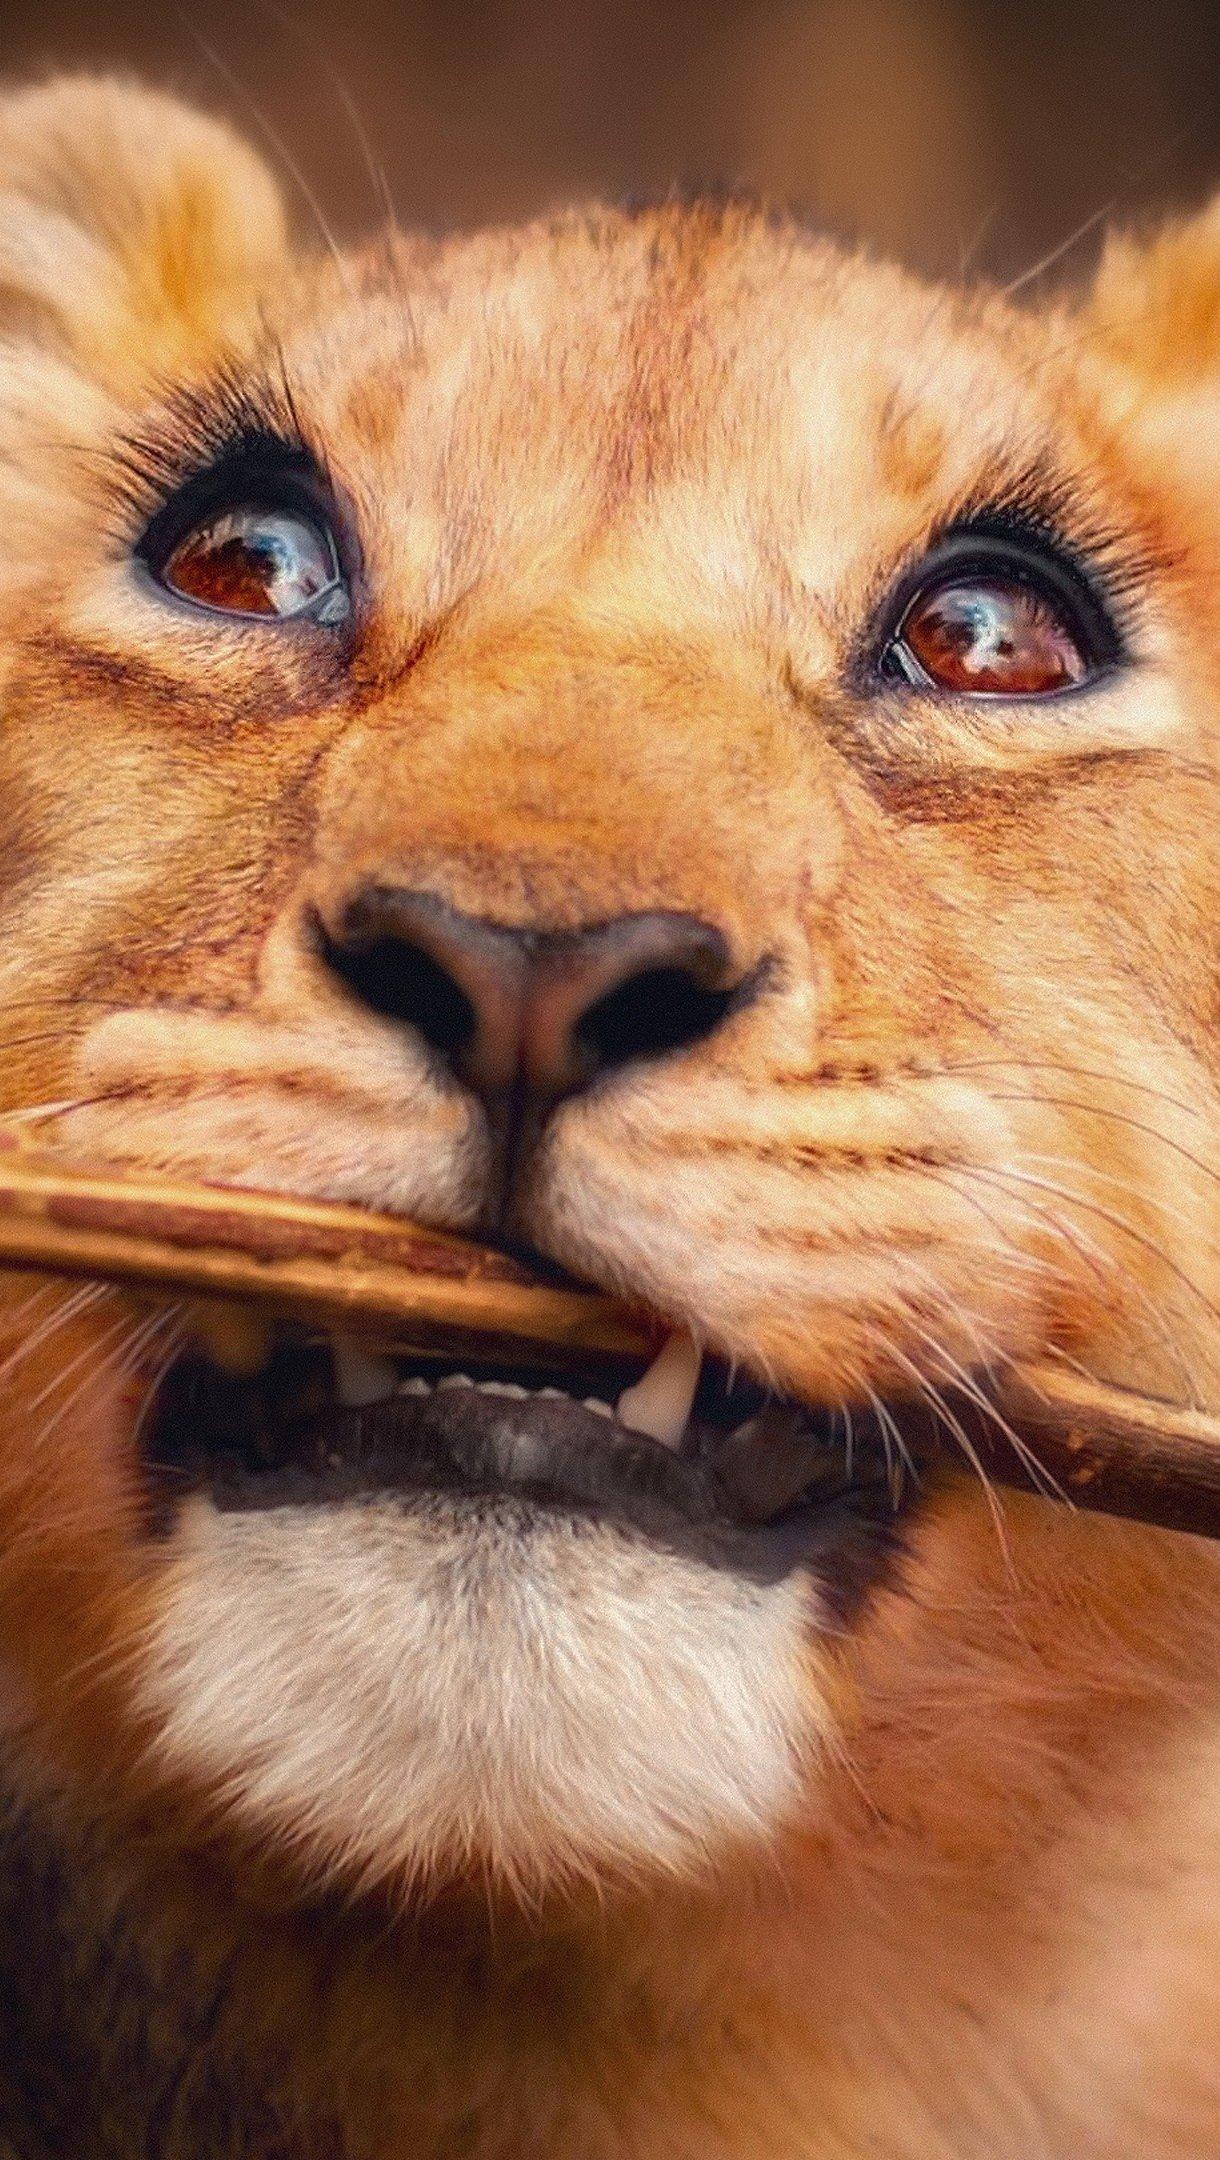 Fondos de pantalla León cachorro Vertical